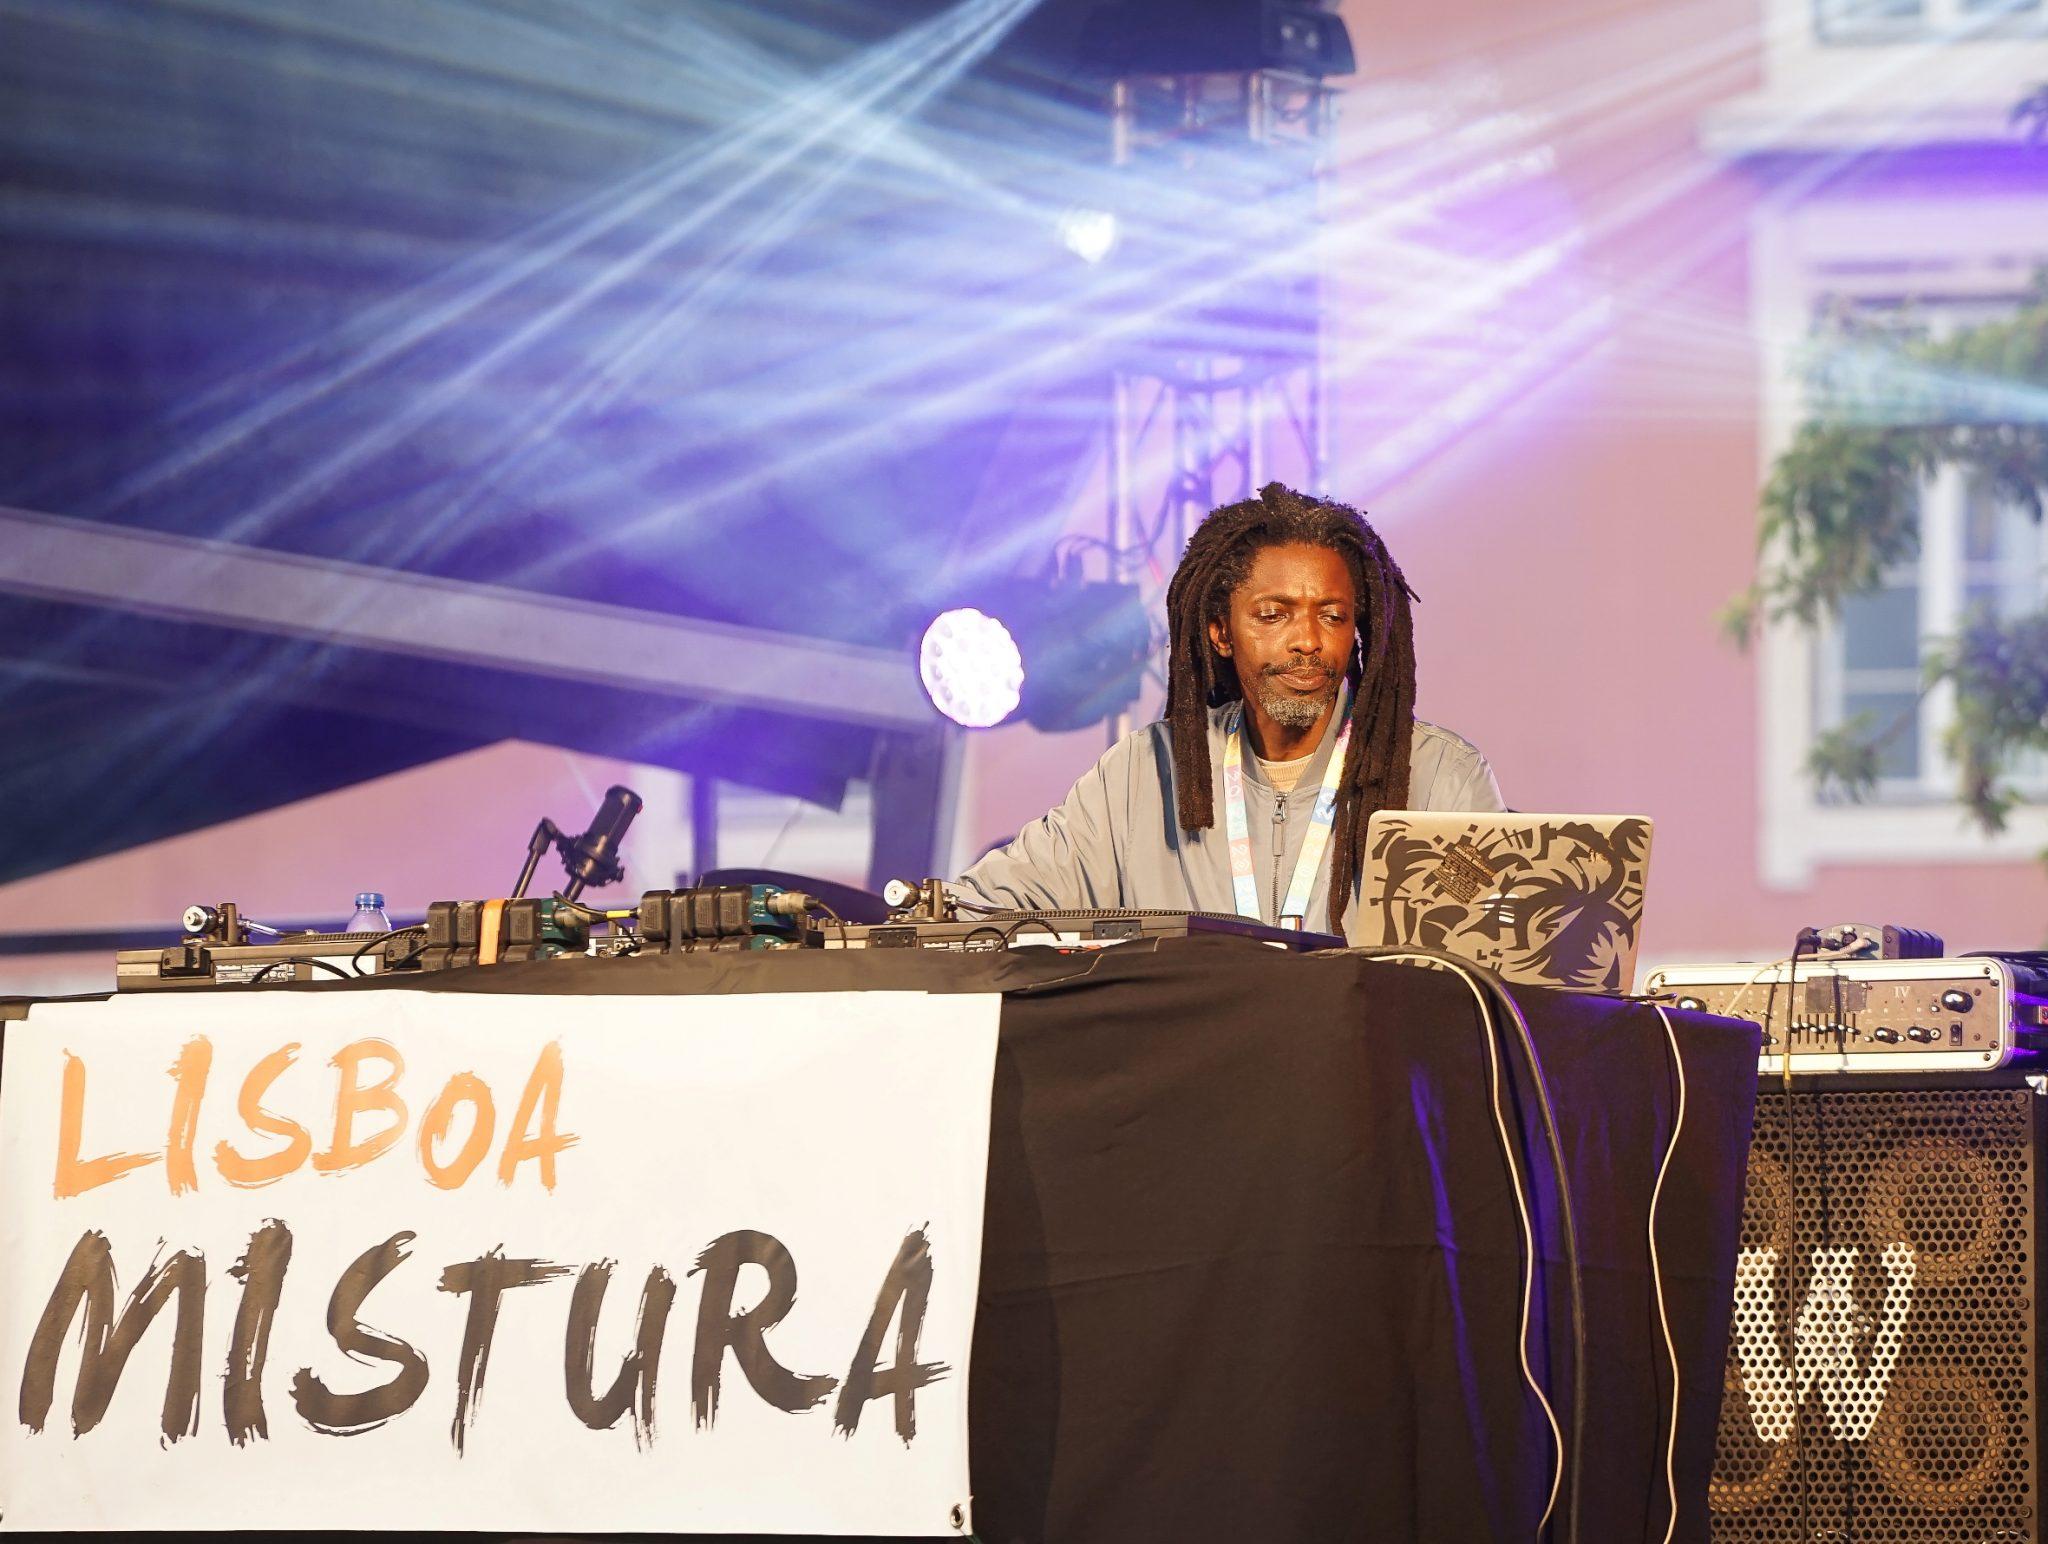 DJ Johnny em cima do palco com a mesa de mistura e computador